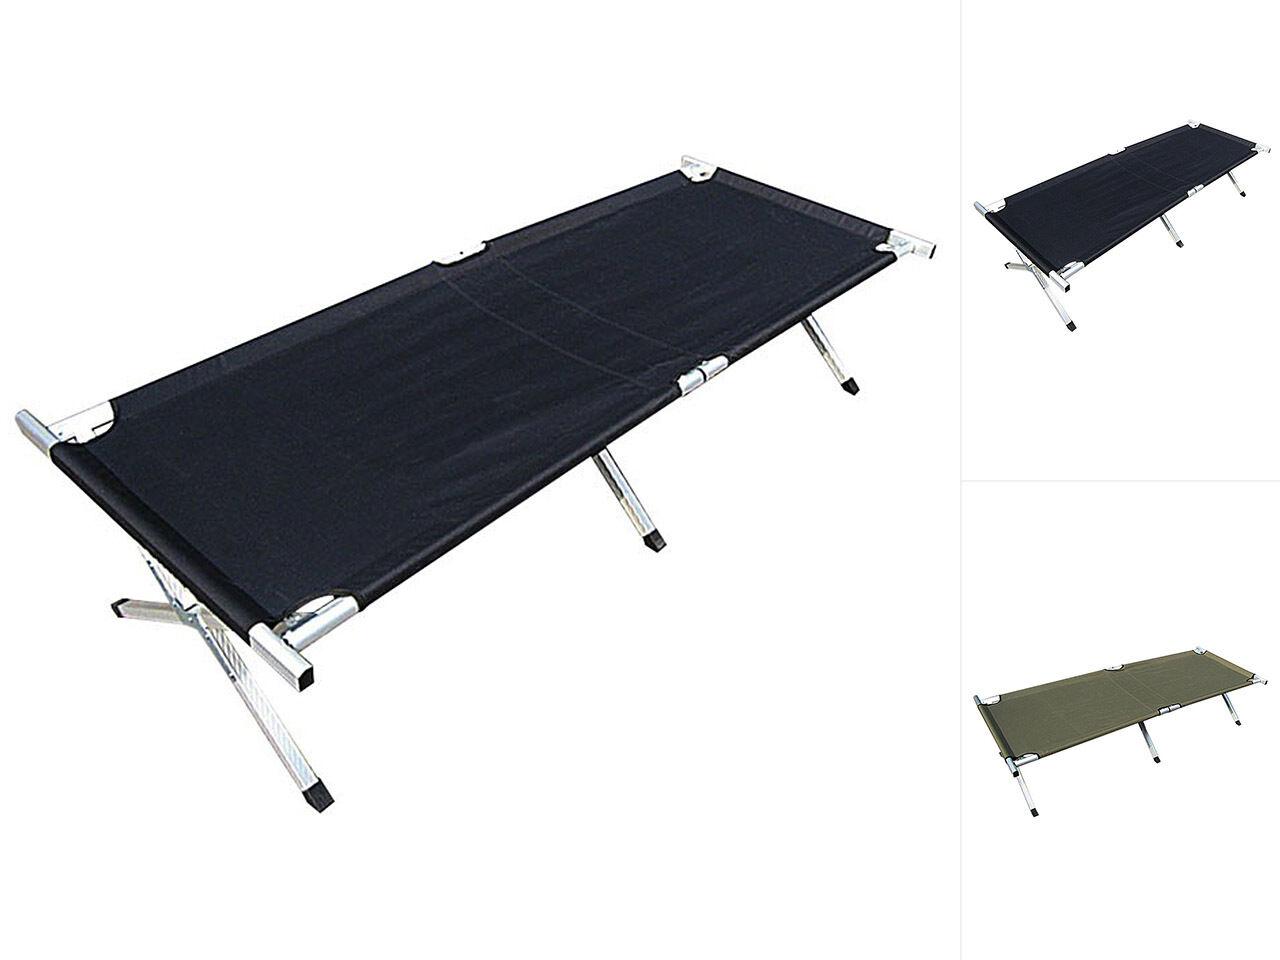 IC campo LETTO LETTINO campo lettino da campeggio letto lettino campeggio letto nero oliva 190x65cm